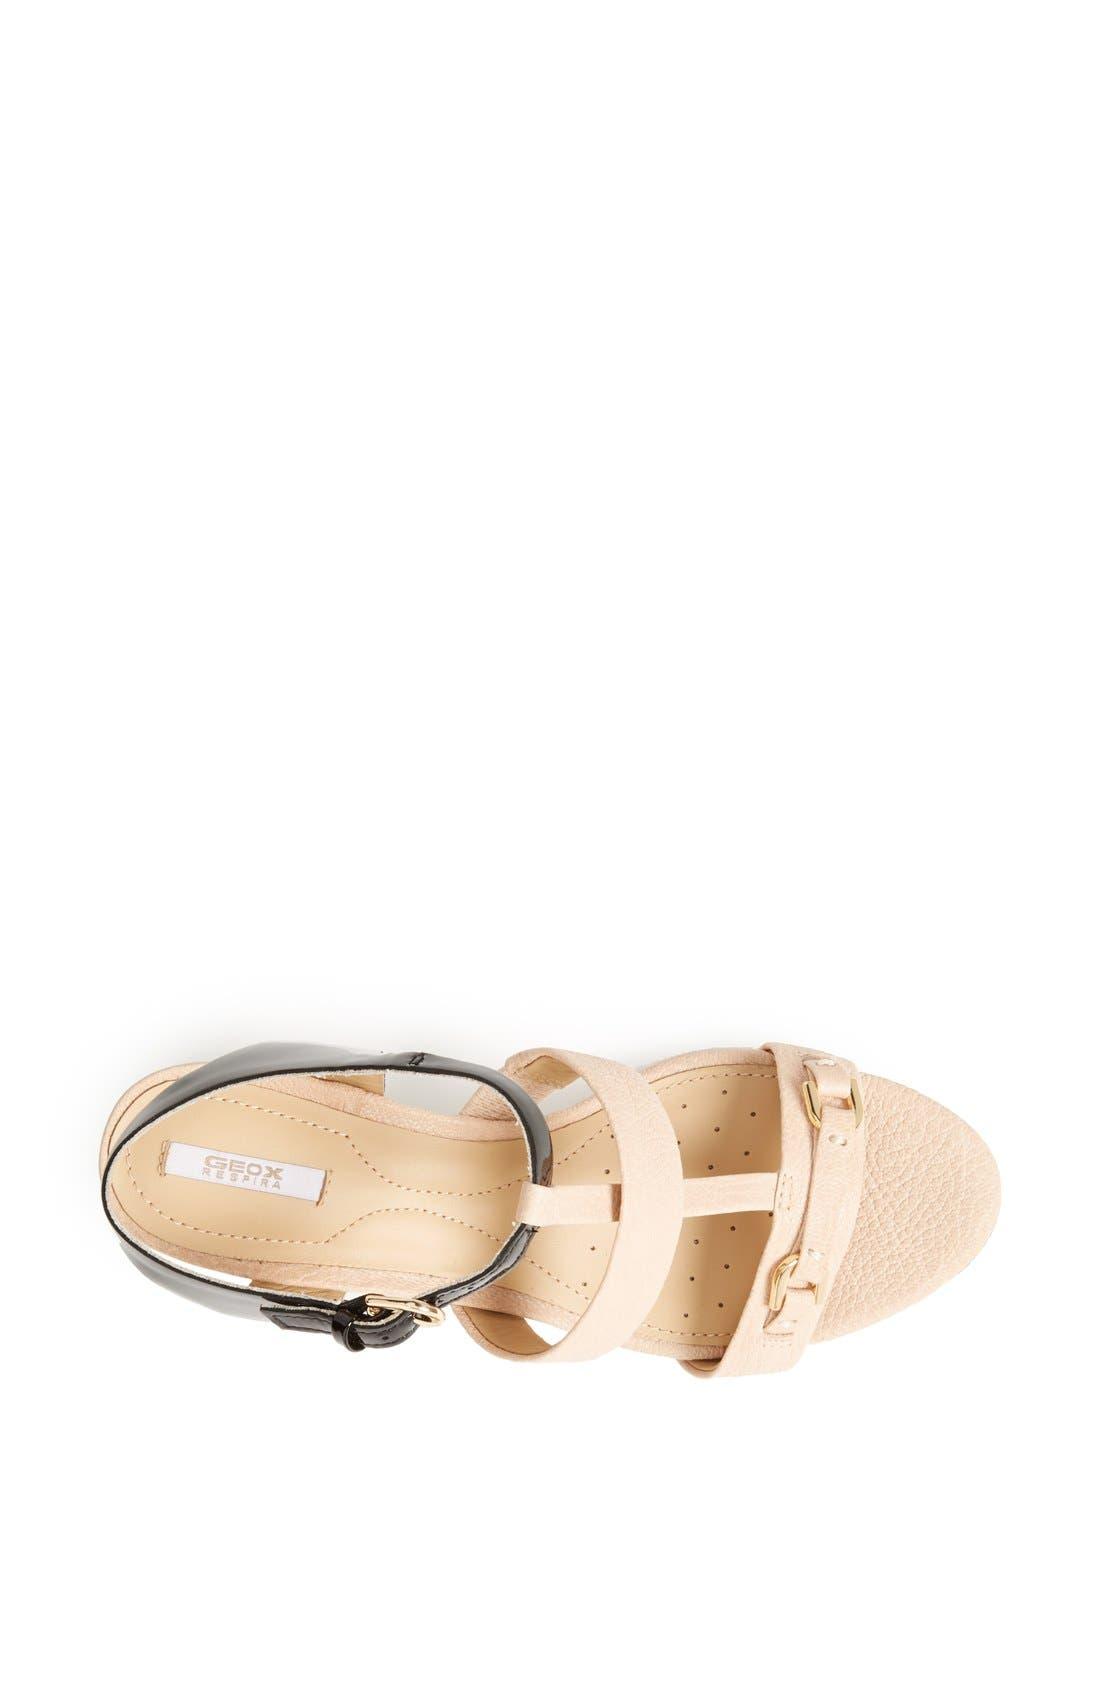 Alternate Image 3  - Geox 'Lupe' Leather Sandal